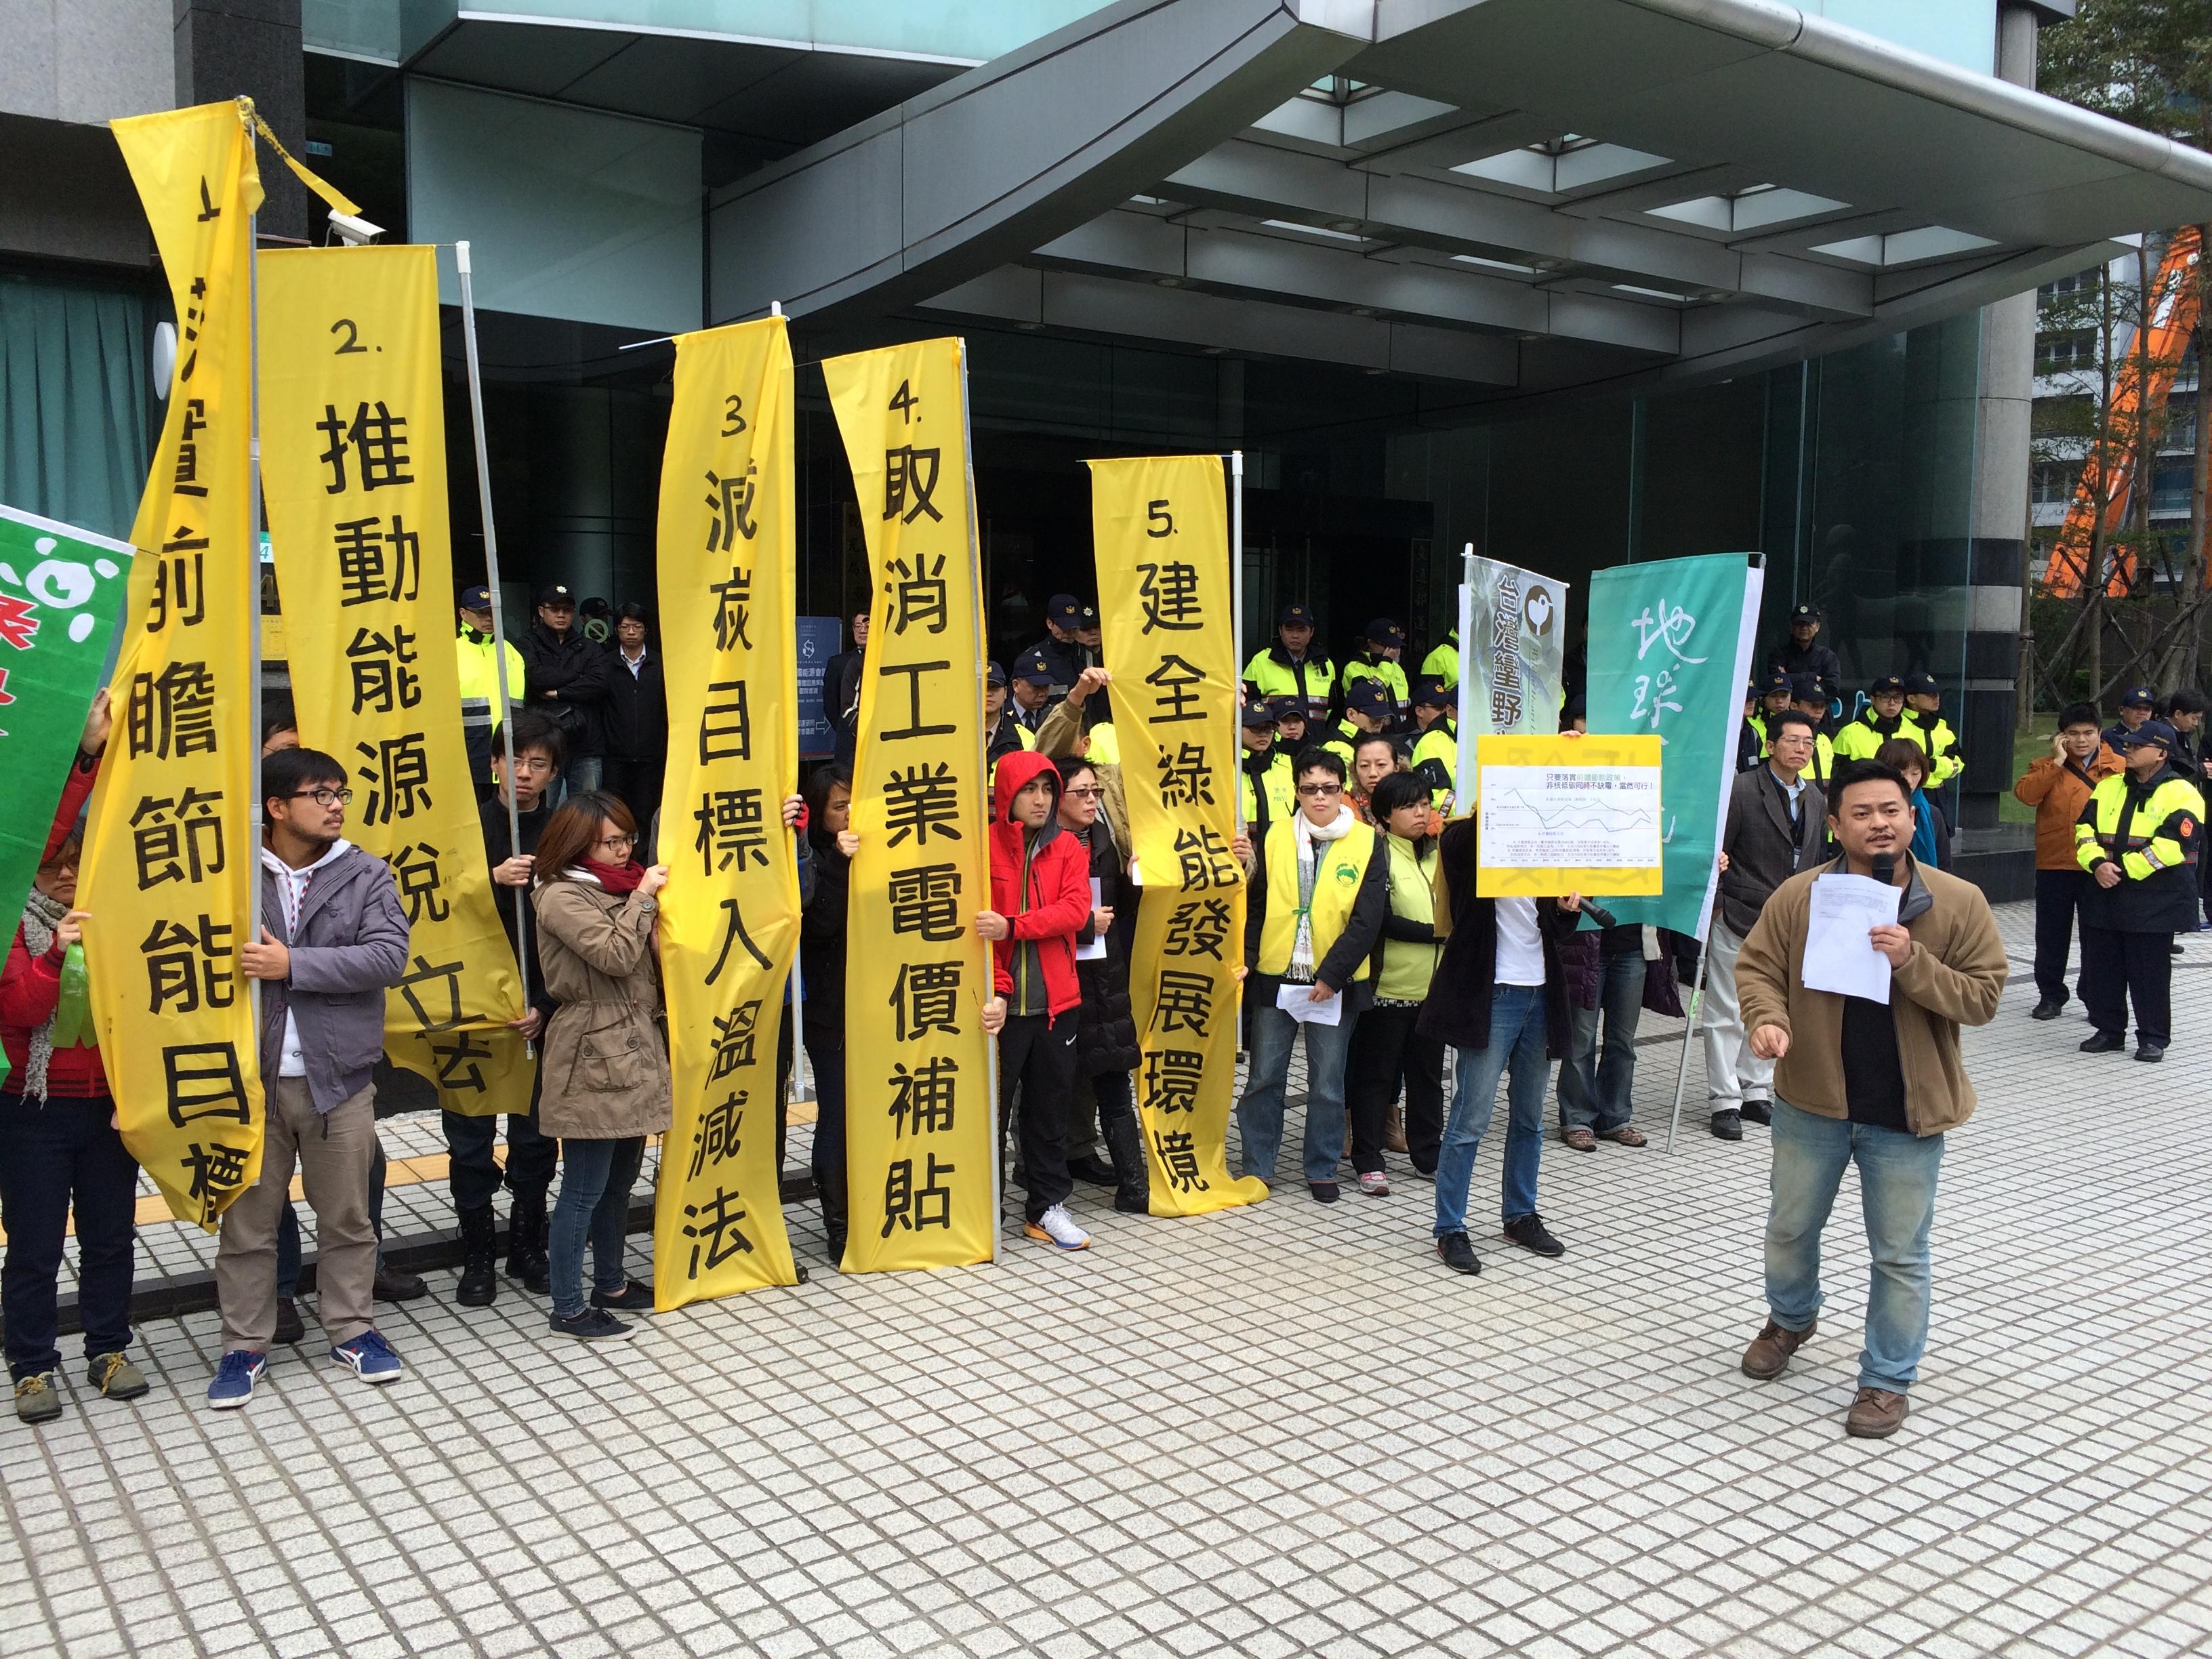 多個公民團體於會前召開記者會,呼籲政府應採取前瞻節能路線